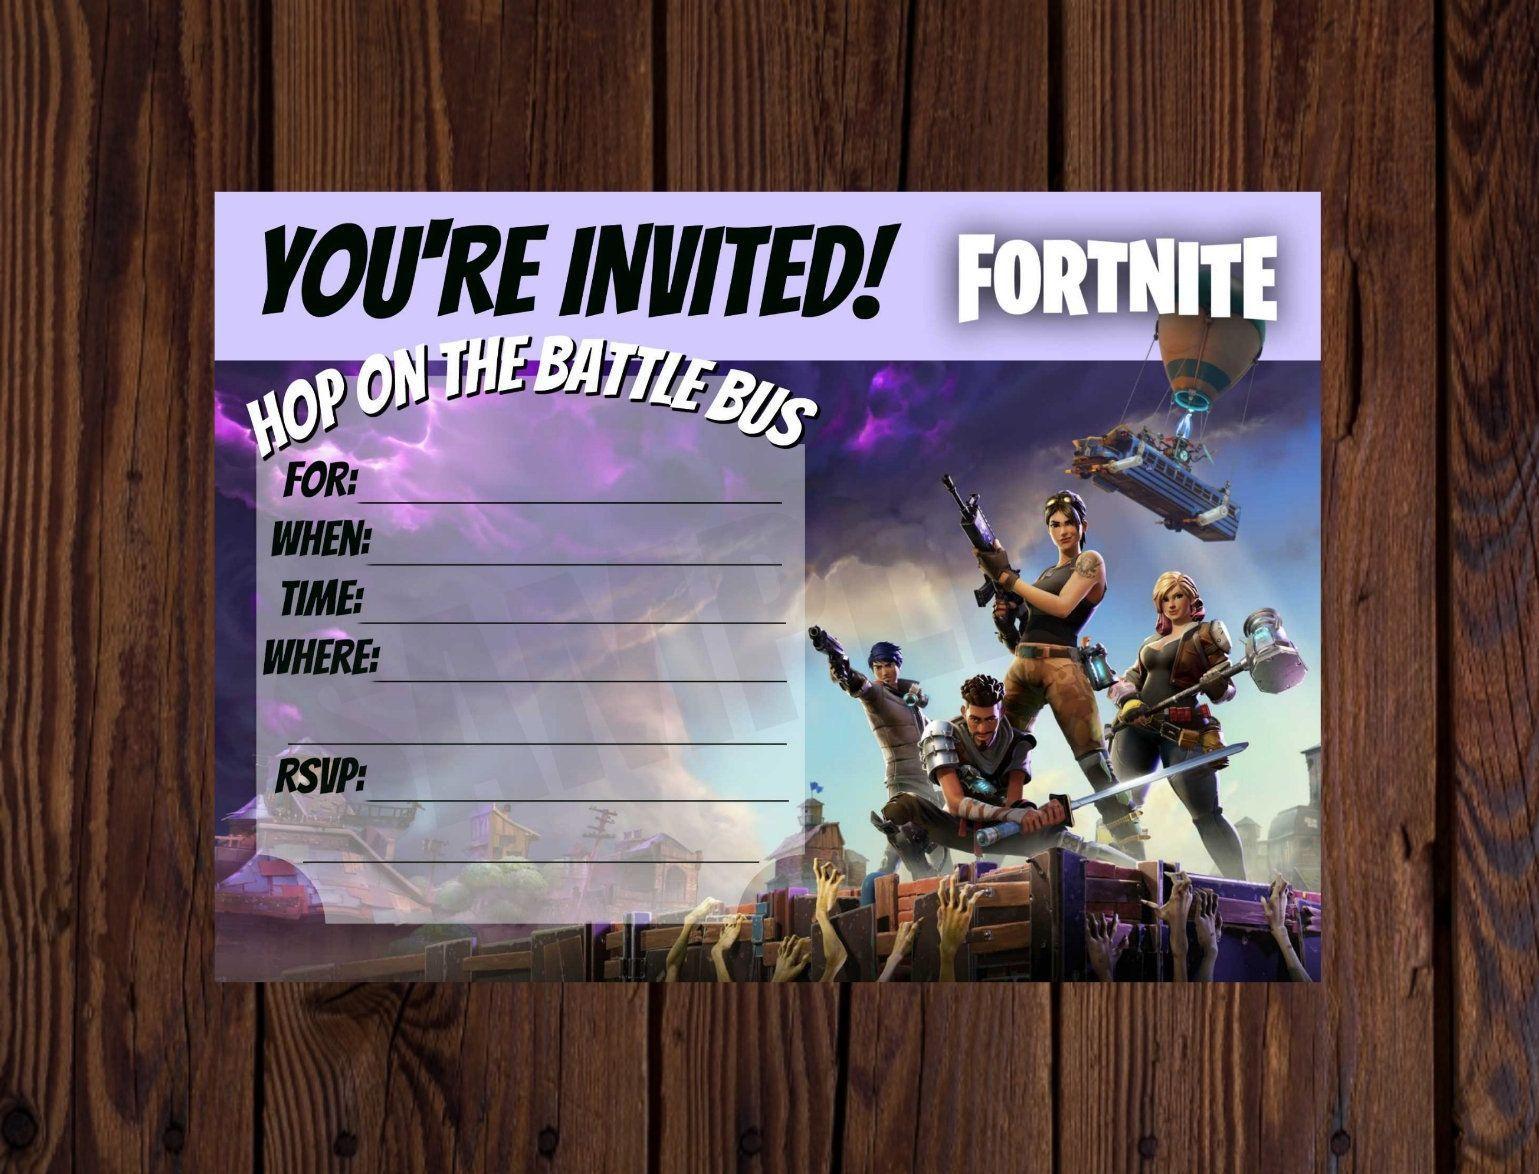 Fortnite Printable Invite Fortnite Invitation Fortnite In 2021 Printable Birthday Invitations Birthday Party Invitations Free Birthday Invitation Templates